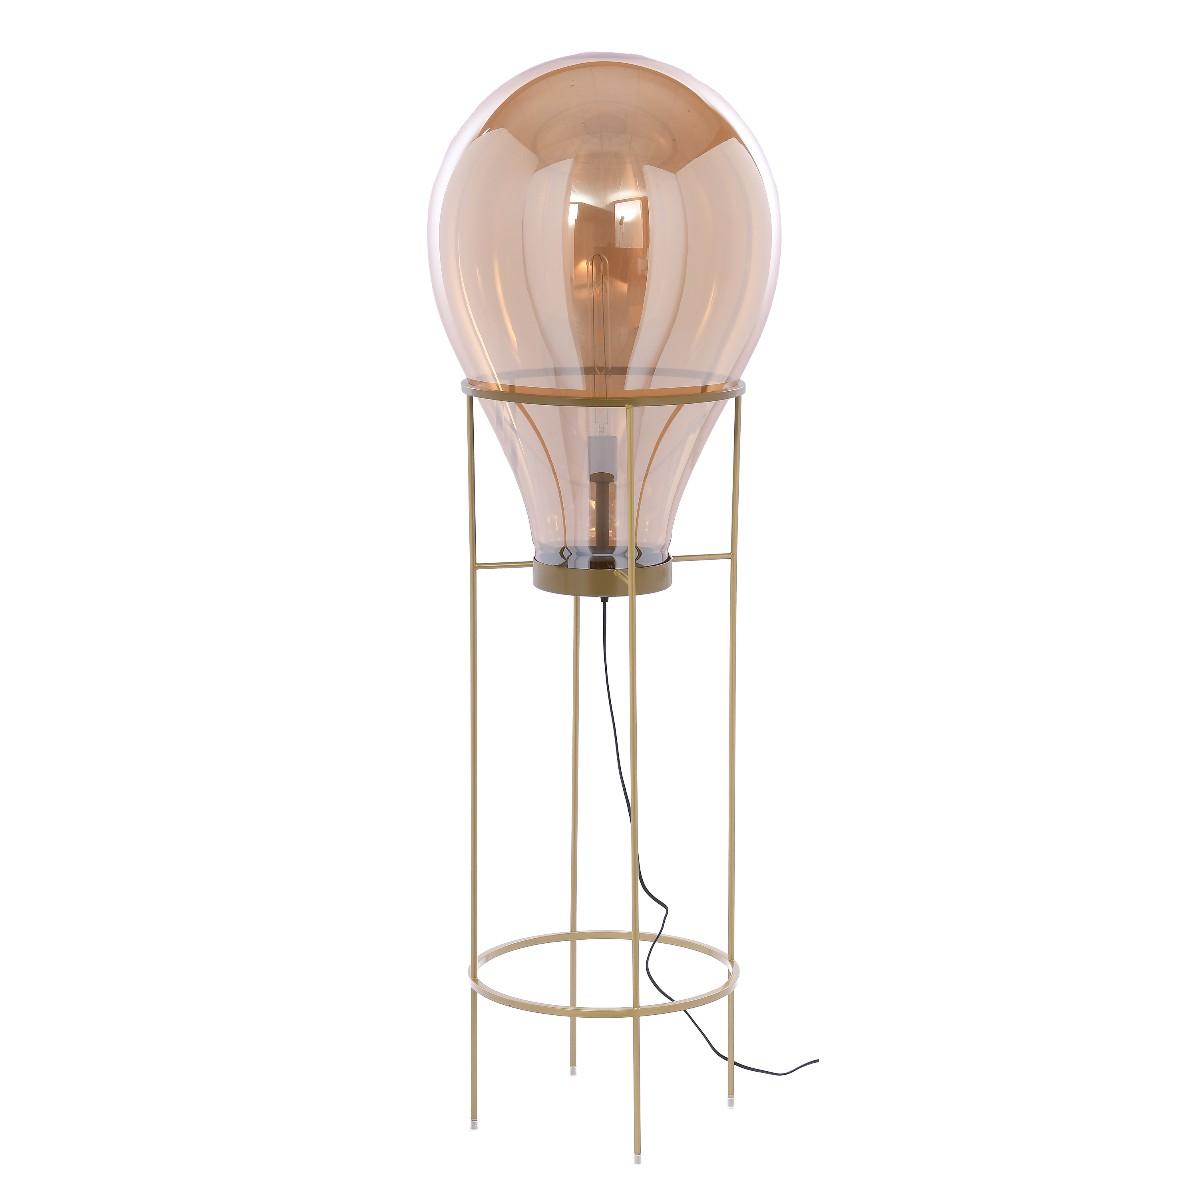 Lampa podłogowa Flame Champagne XXL 50x50x158 cm